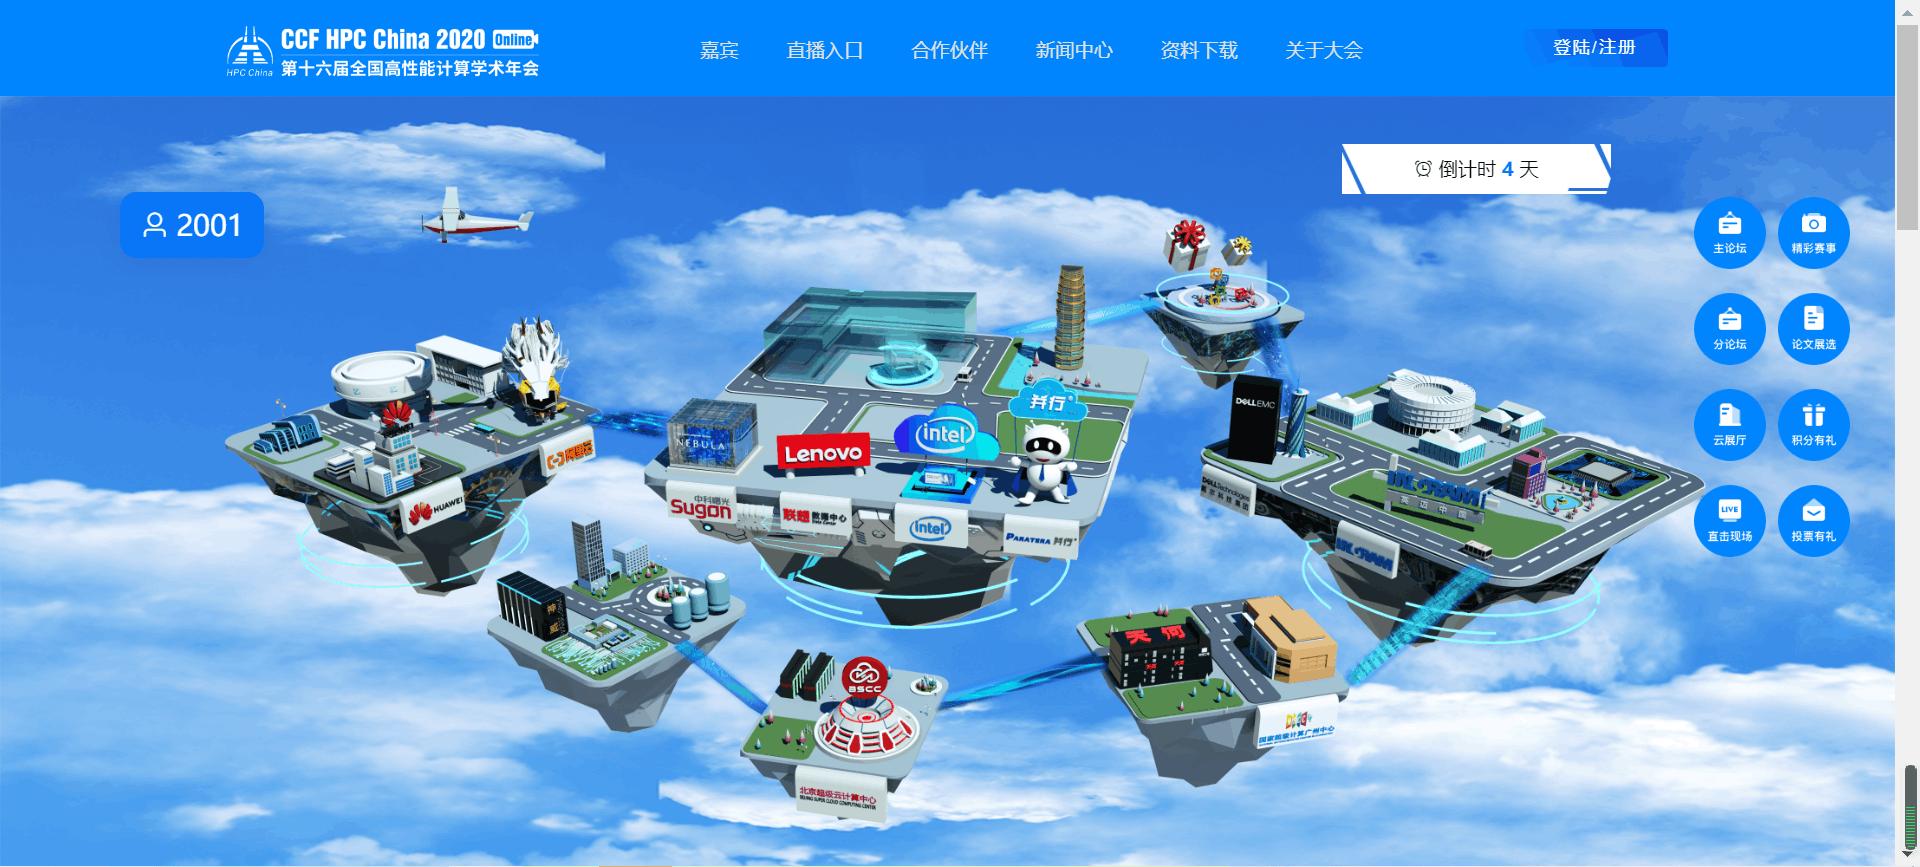 CCF HPC CHINA 2020 诚邀出席!